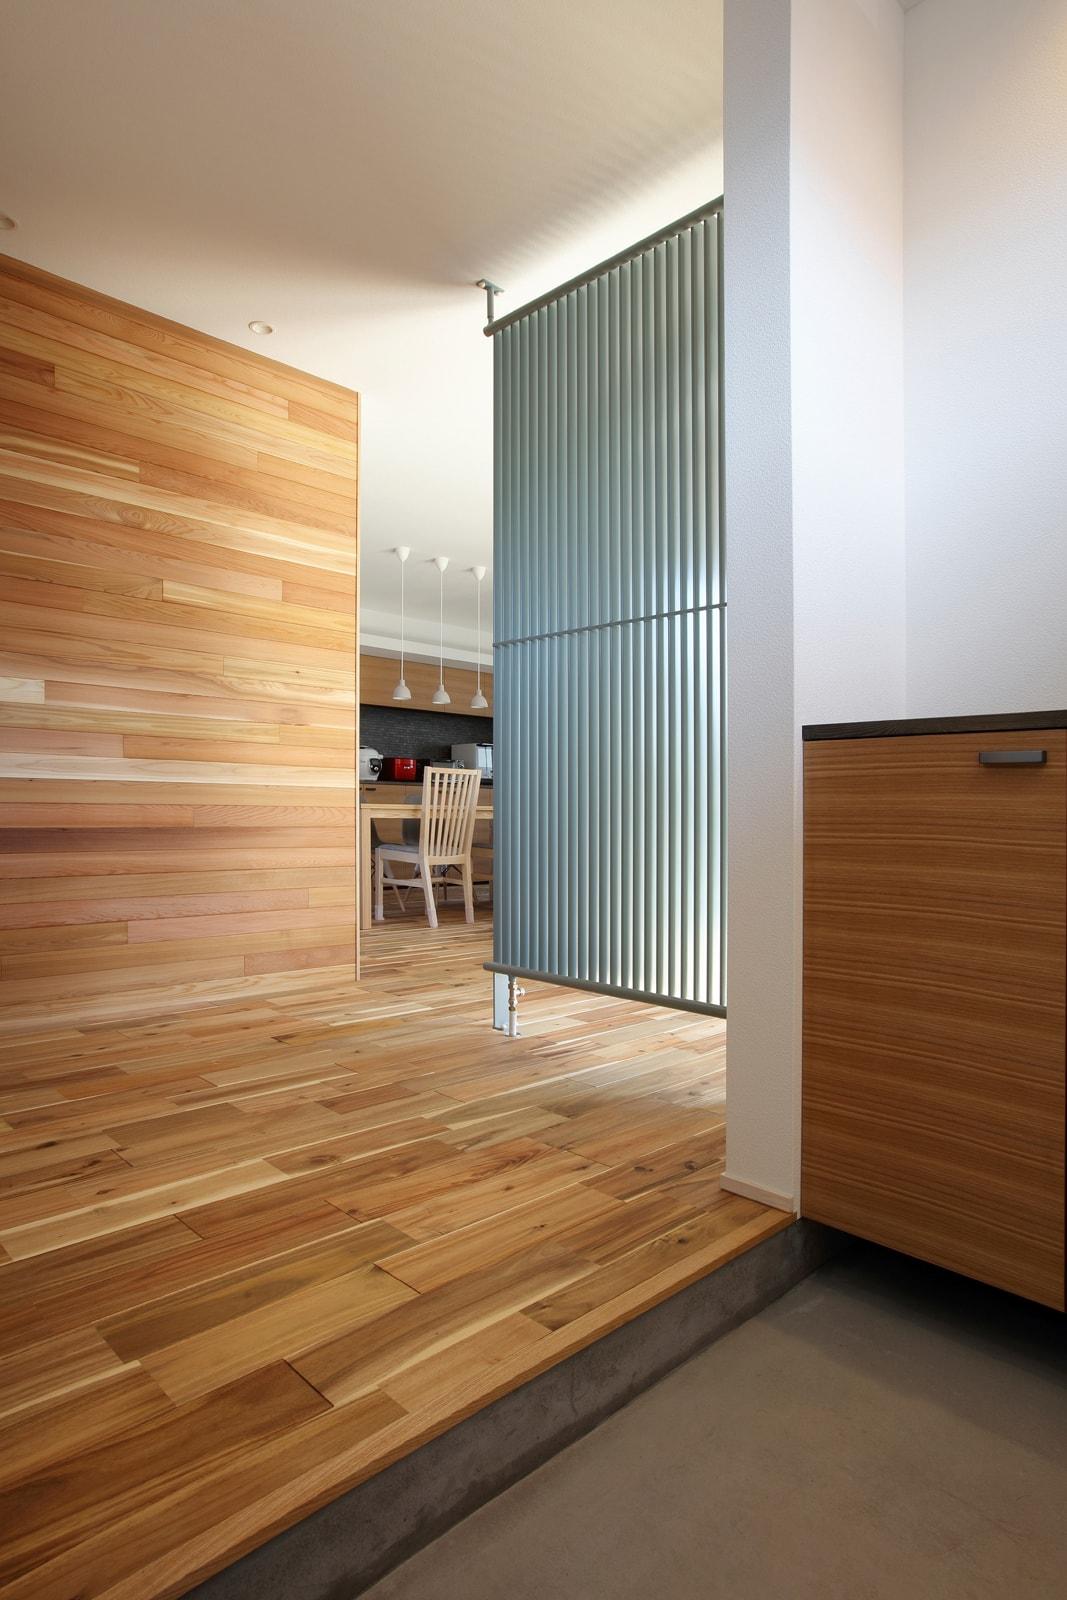 玄関ホールとリビングを仕切る大型のパネルヒーター。ドアの開け締めなど外気が入ってくる玄関でも、パネルヒーターの暖房効果で暖か